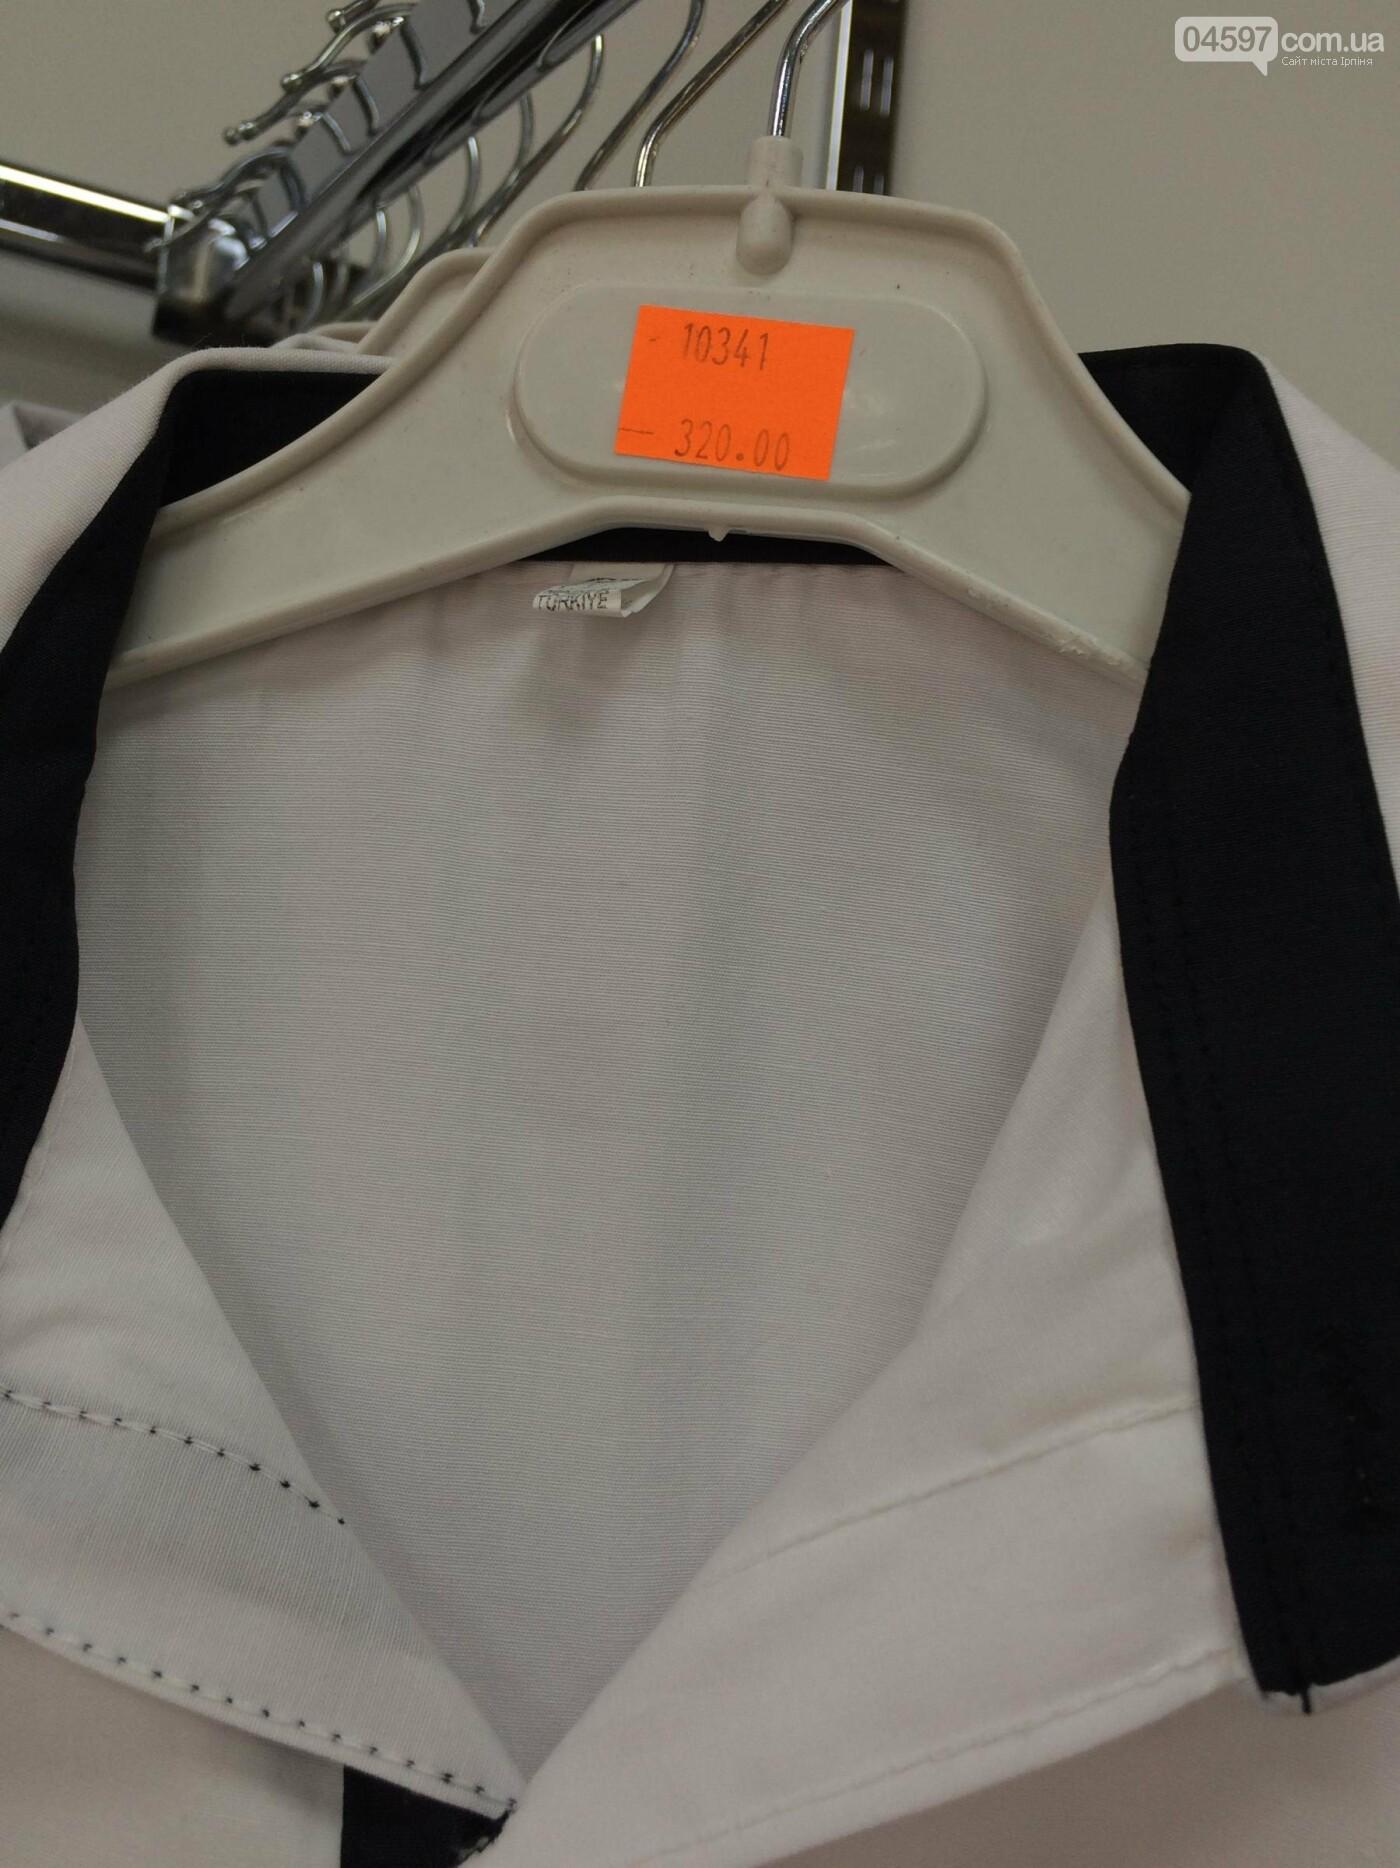 Де купити дитячий одяг в Ірпені: асортимент та ціни, фото-25